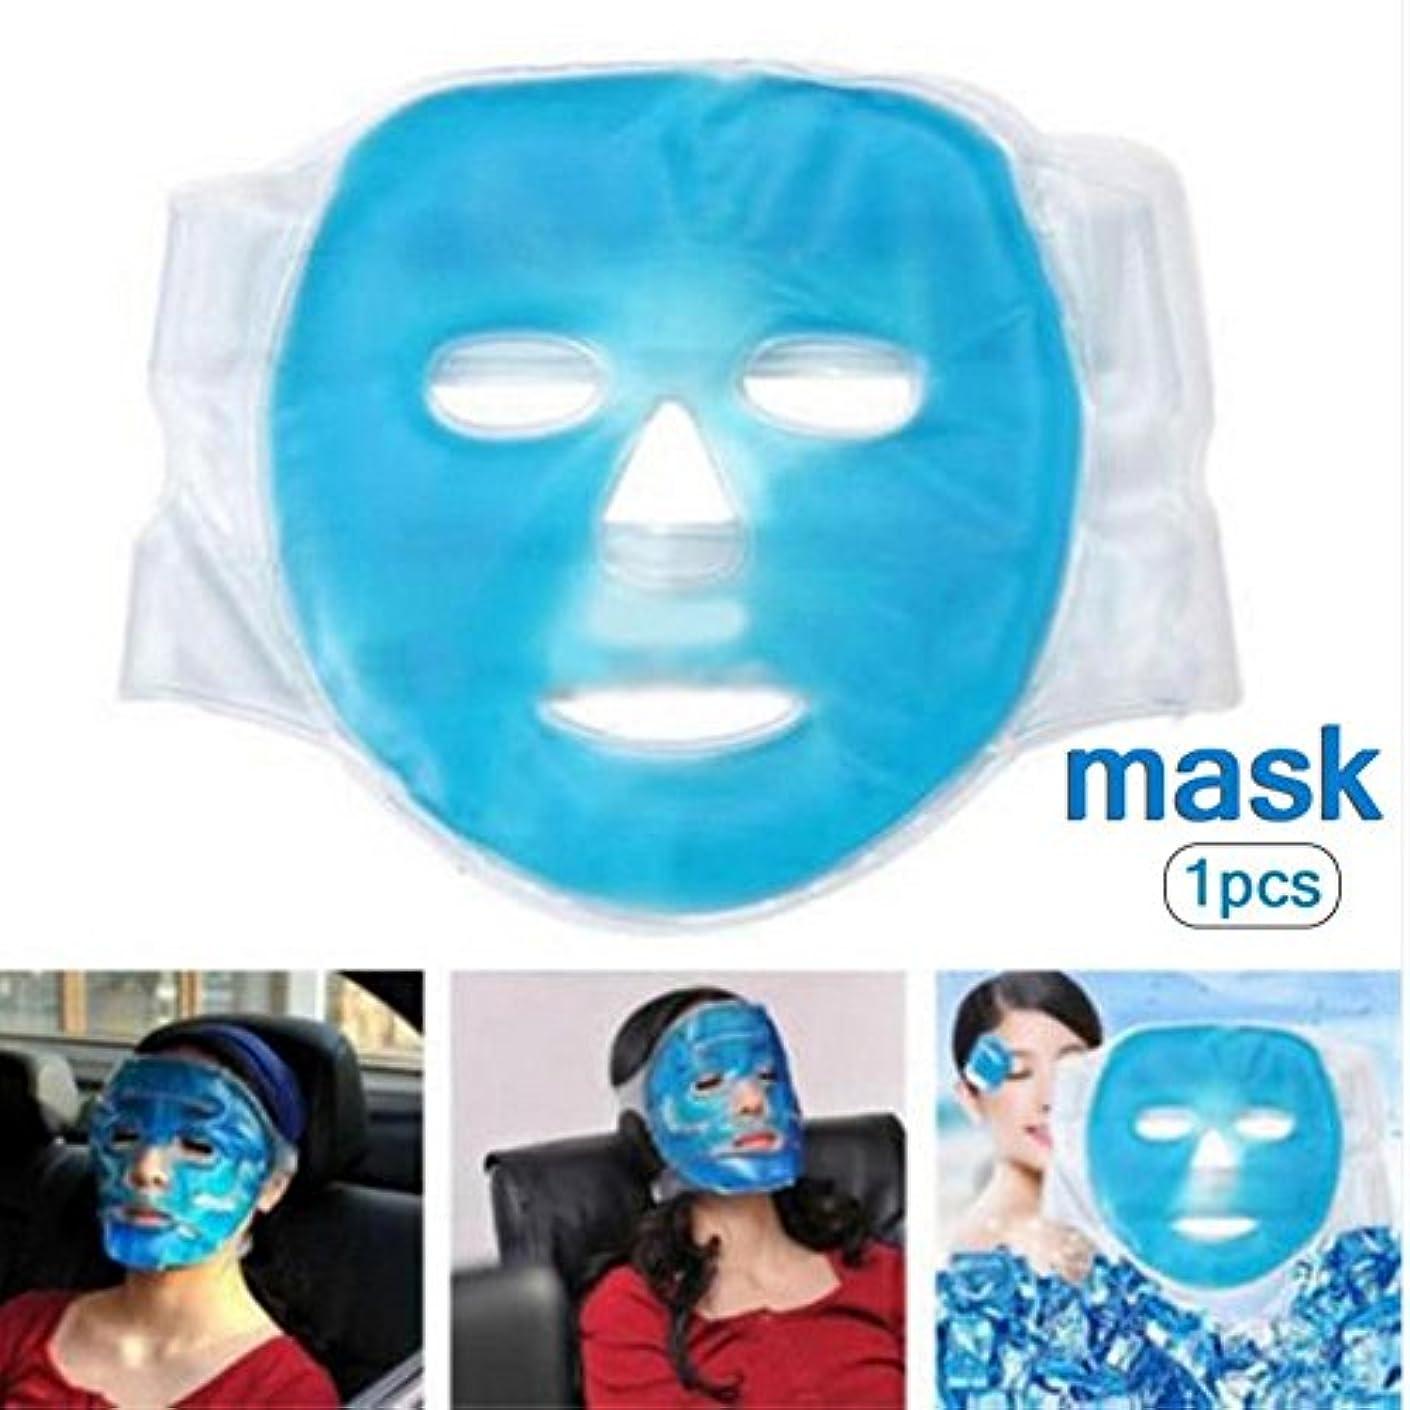 レタスサイドボードマネージャーSILUN フェイスマスク 冷温兼用 美容用 再利用可能 毛細血管収縮 肌ケア 保湿 吸収しやすい 美容マッサージ アイスマスク